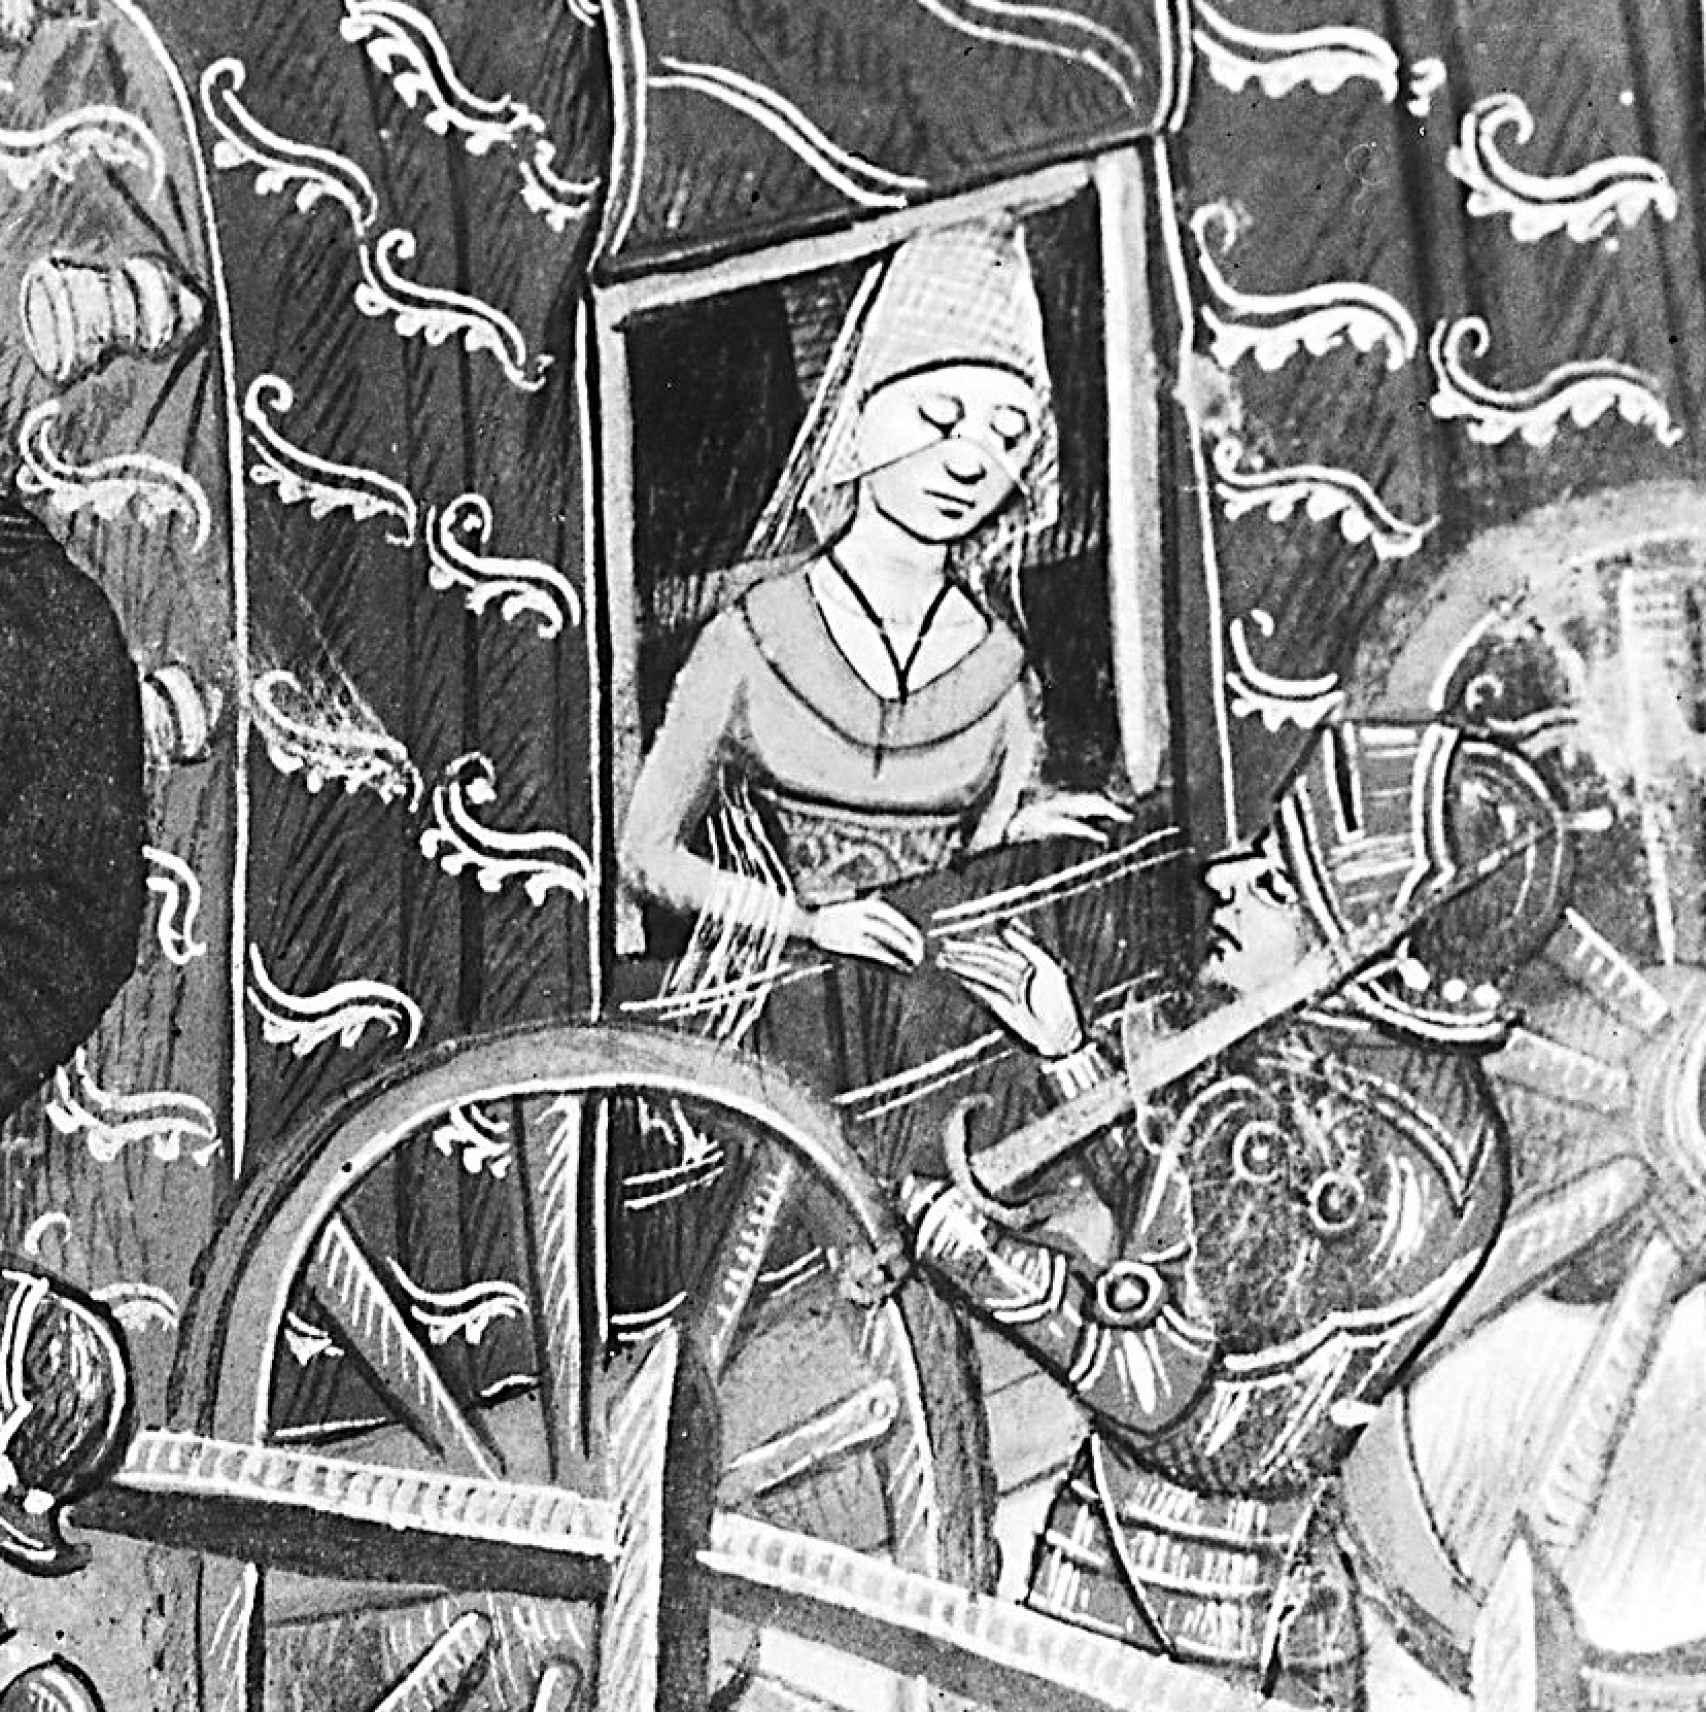 Marguerite se despide de Jean antes del duelo, según una ilustración de Jean de Wavrin.